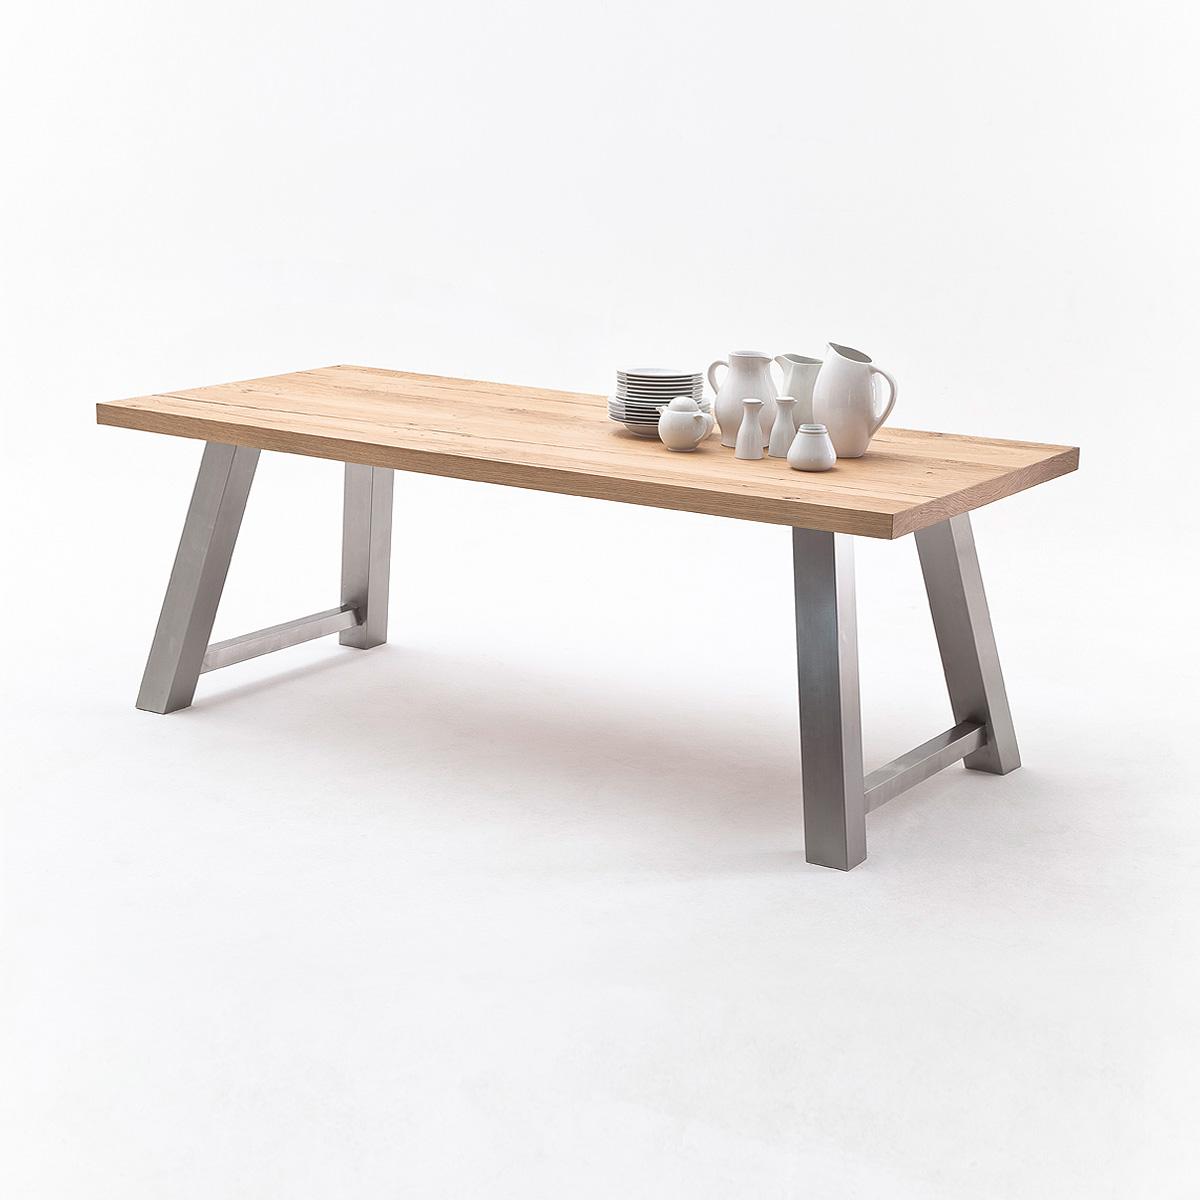 Tisch 1 alvaro esstisch in eiche natur massiv edelstahl for Esstisch eiche natur